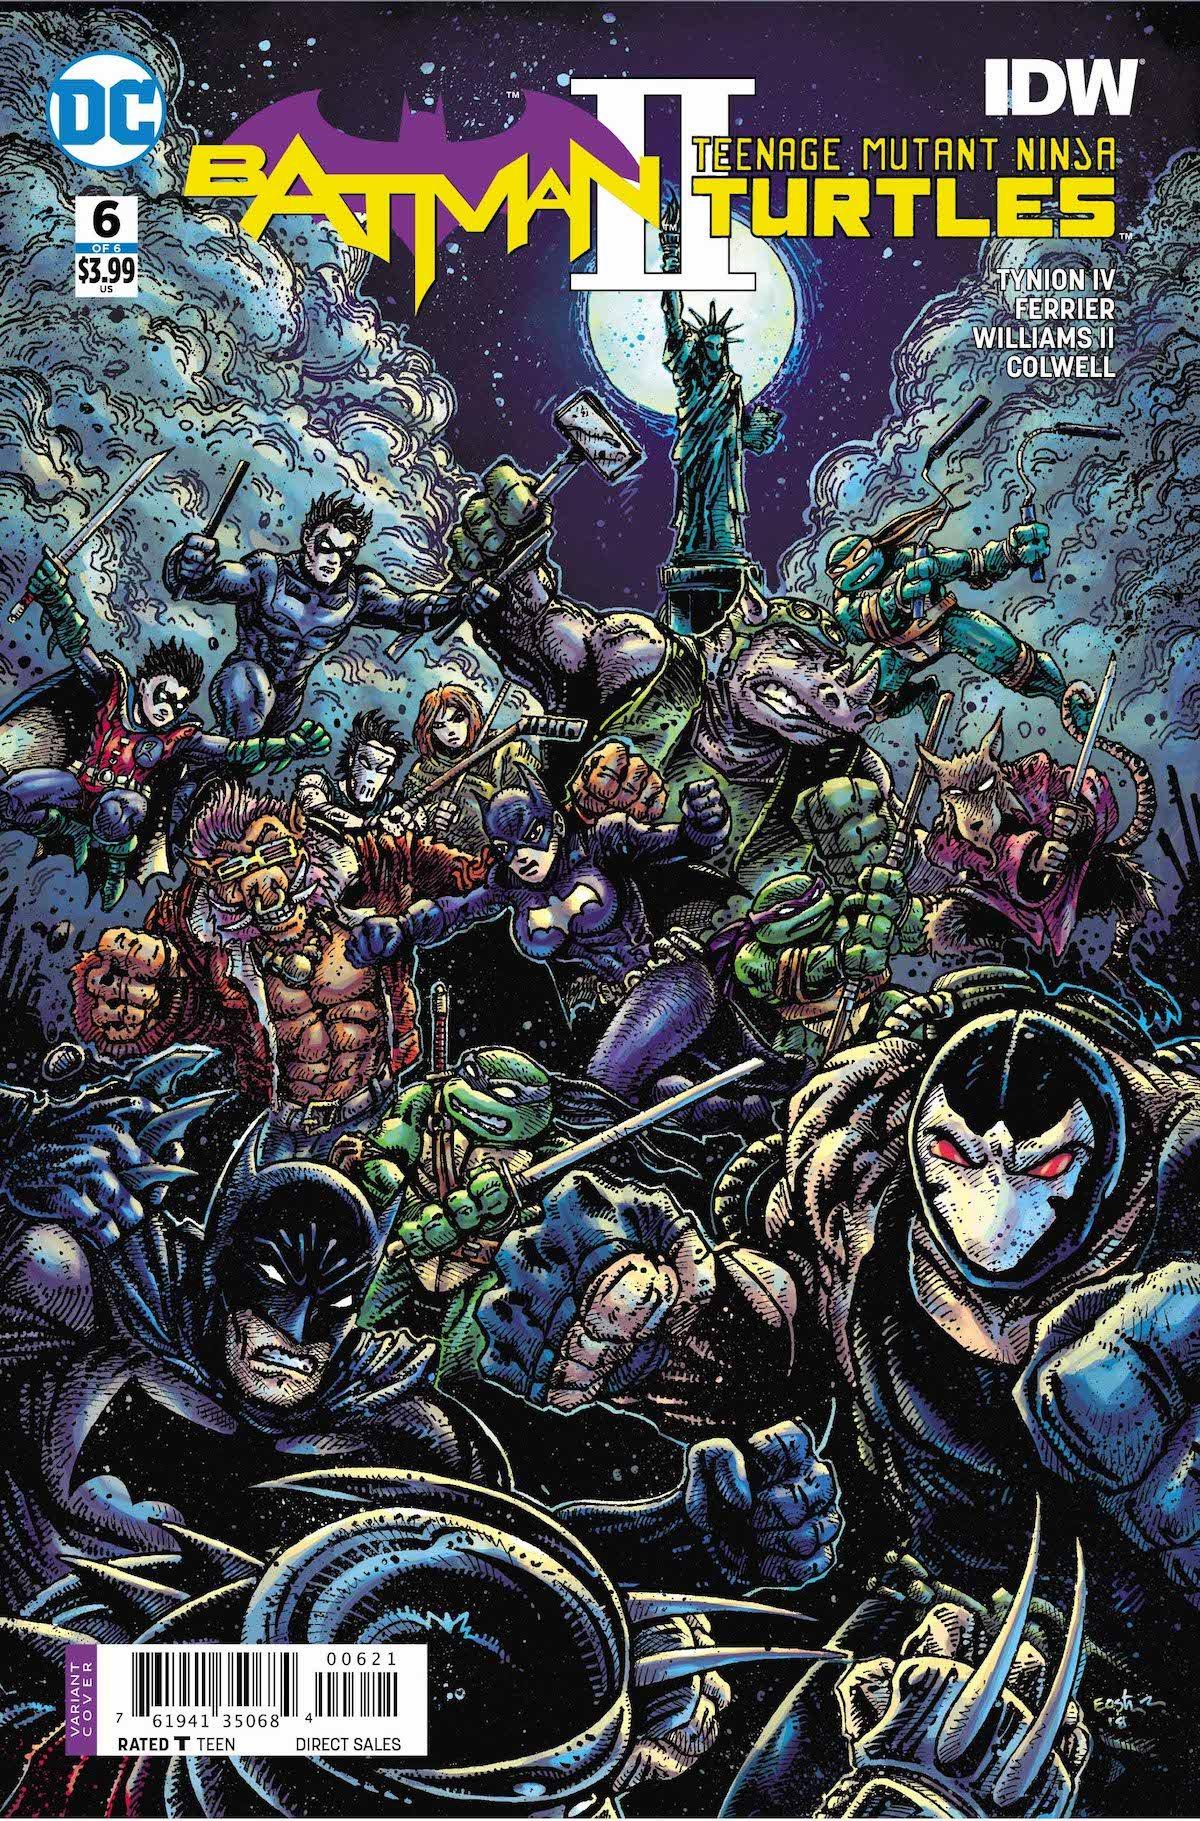 Batman Teenage Mutant Ninja Turtles 2 #6 cover